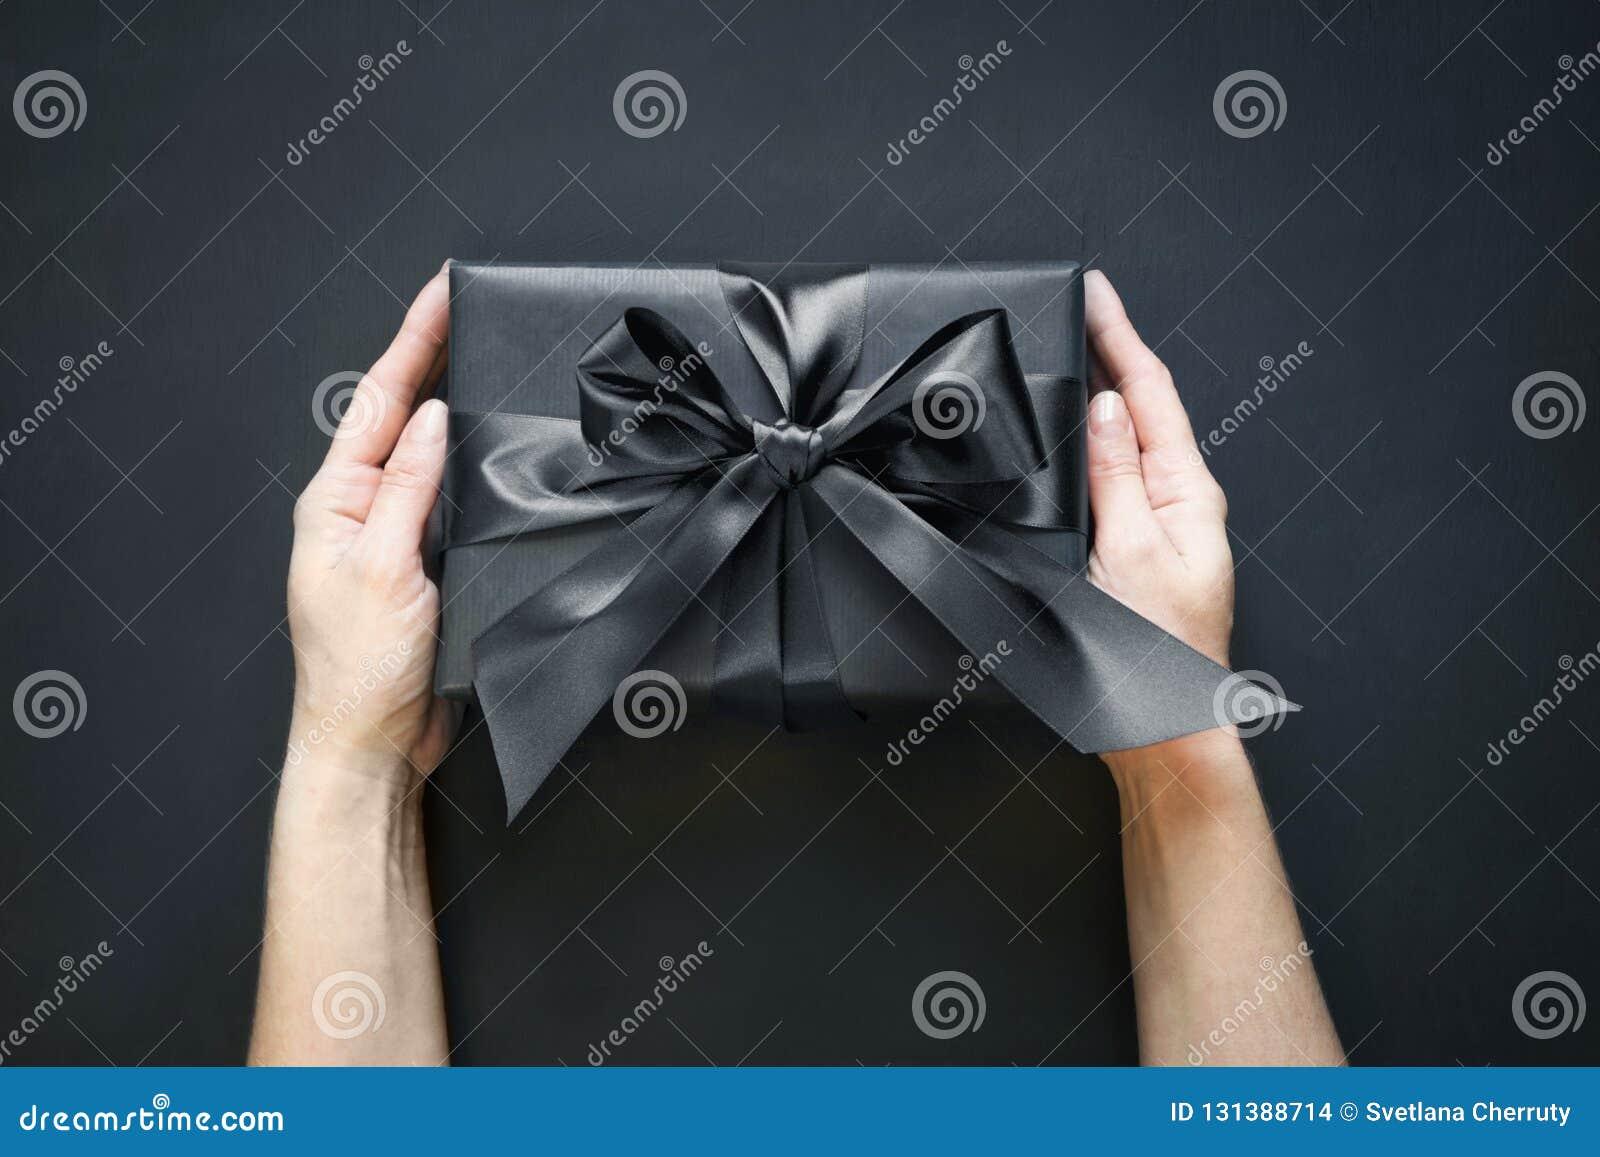 Подарочная коробка в оболочке в черноте в женской руке на черной поверхности Взгляд сверху